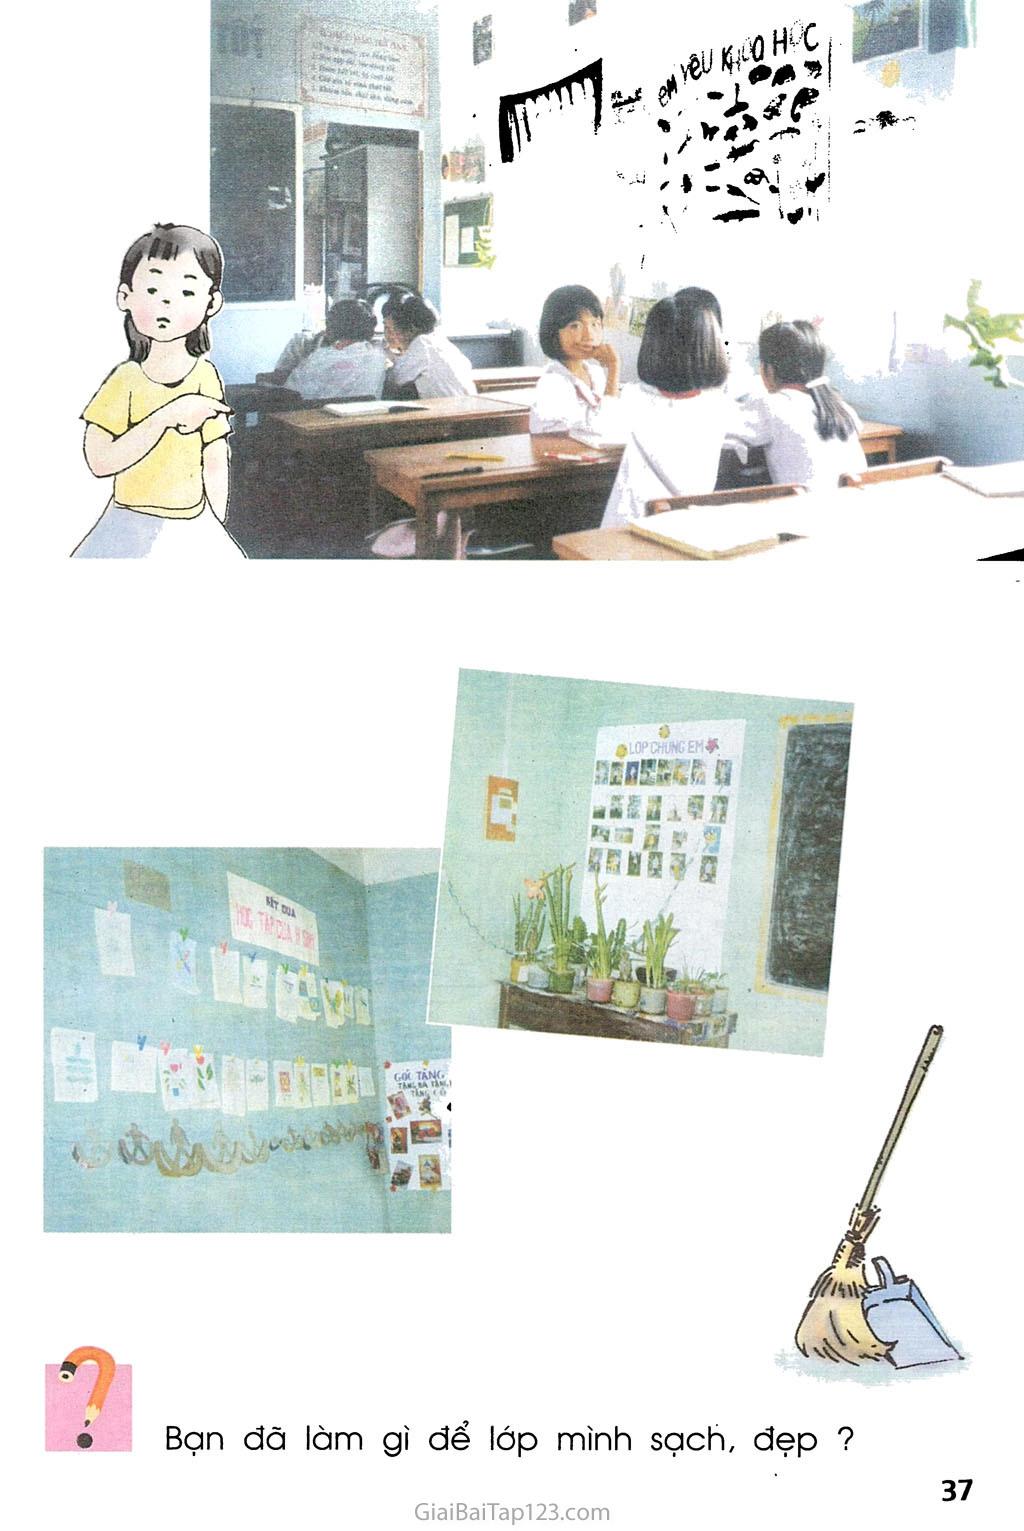 Bài 17. Giữ gìn lớp học sạch, đẹp trang 2